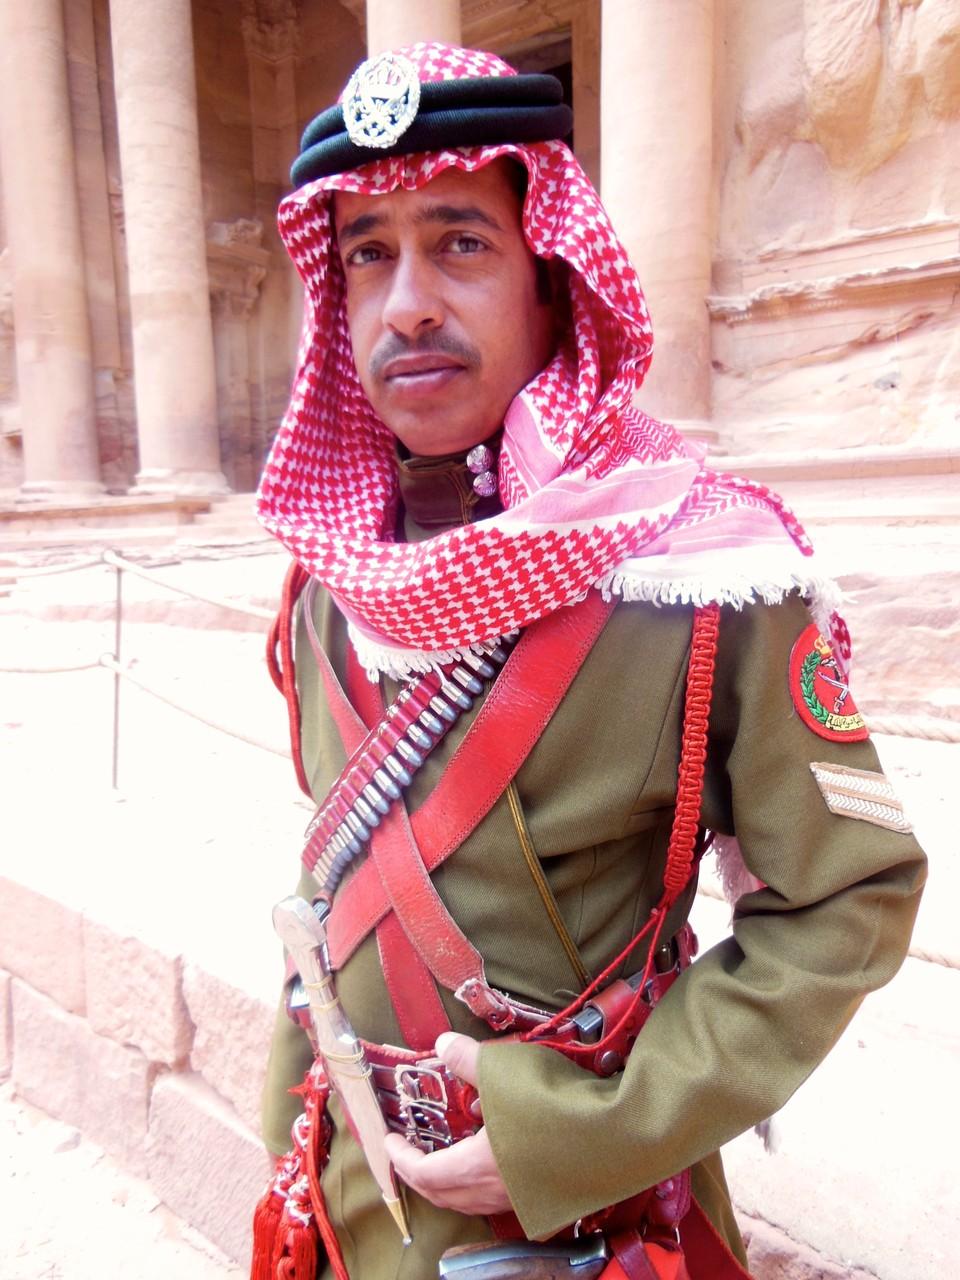 ヨルダンのポリス、ランボー的な重装備